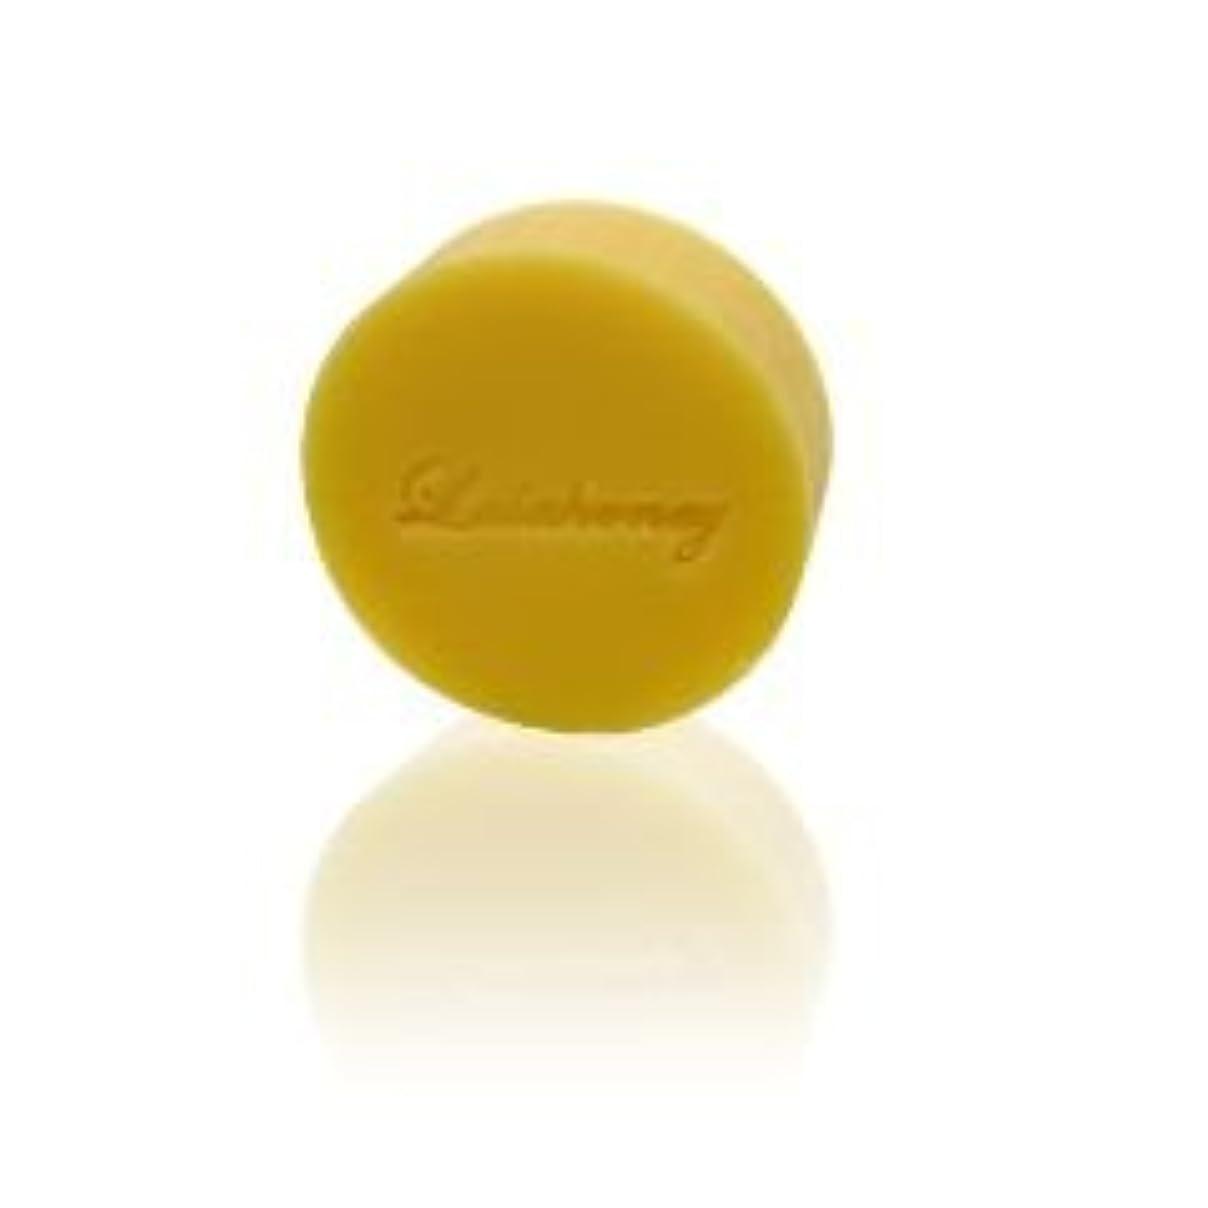 不承認打ち負かすインペリアルLALAHONEY 石鹸〈柚子の香り〉20g【手作りでシンプルなコールドプロセス製法】